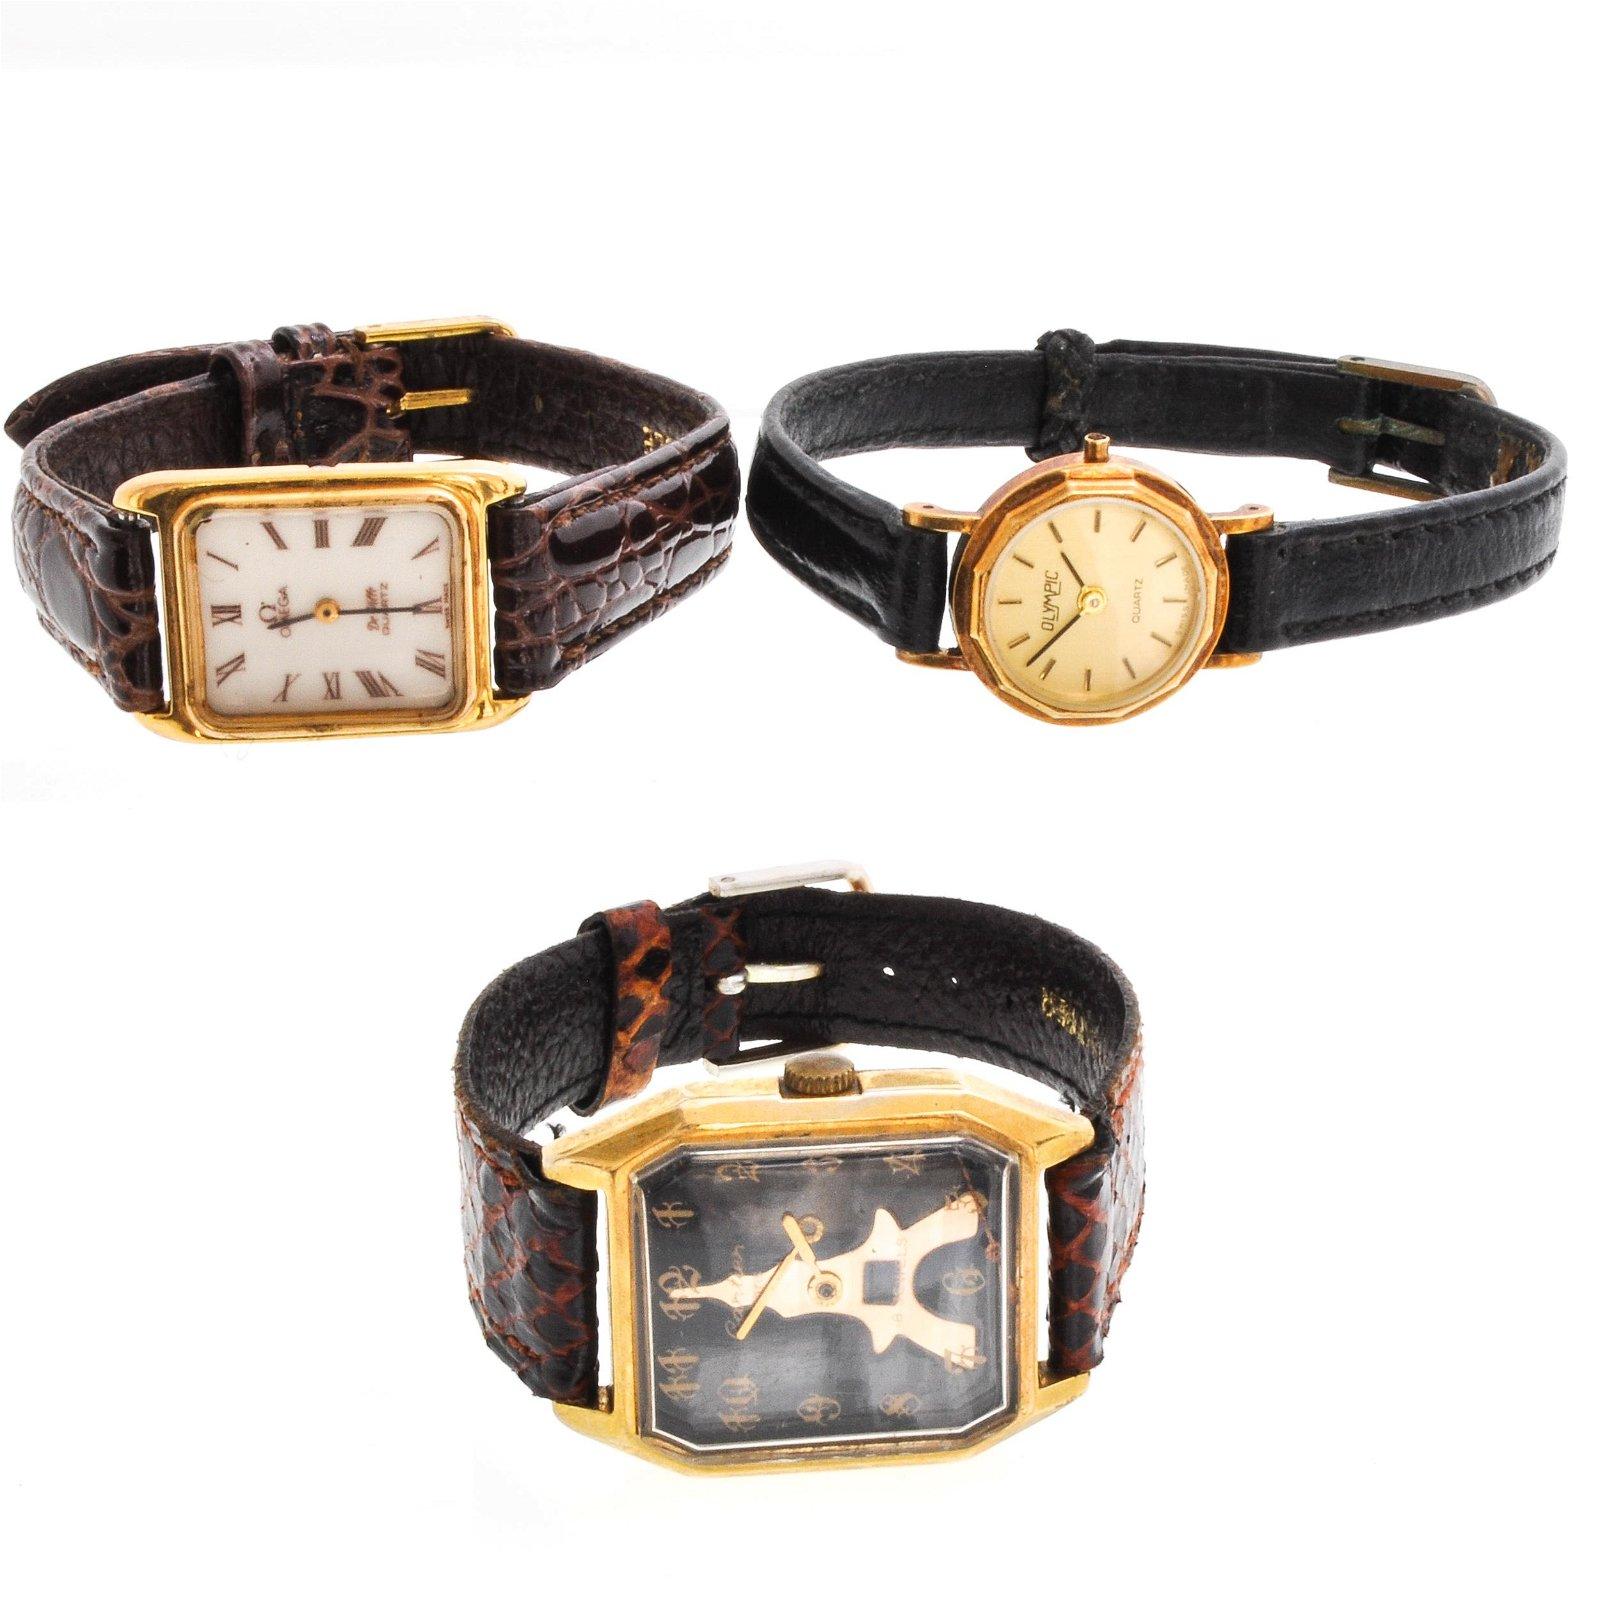 Three Vintage Watches